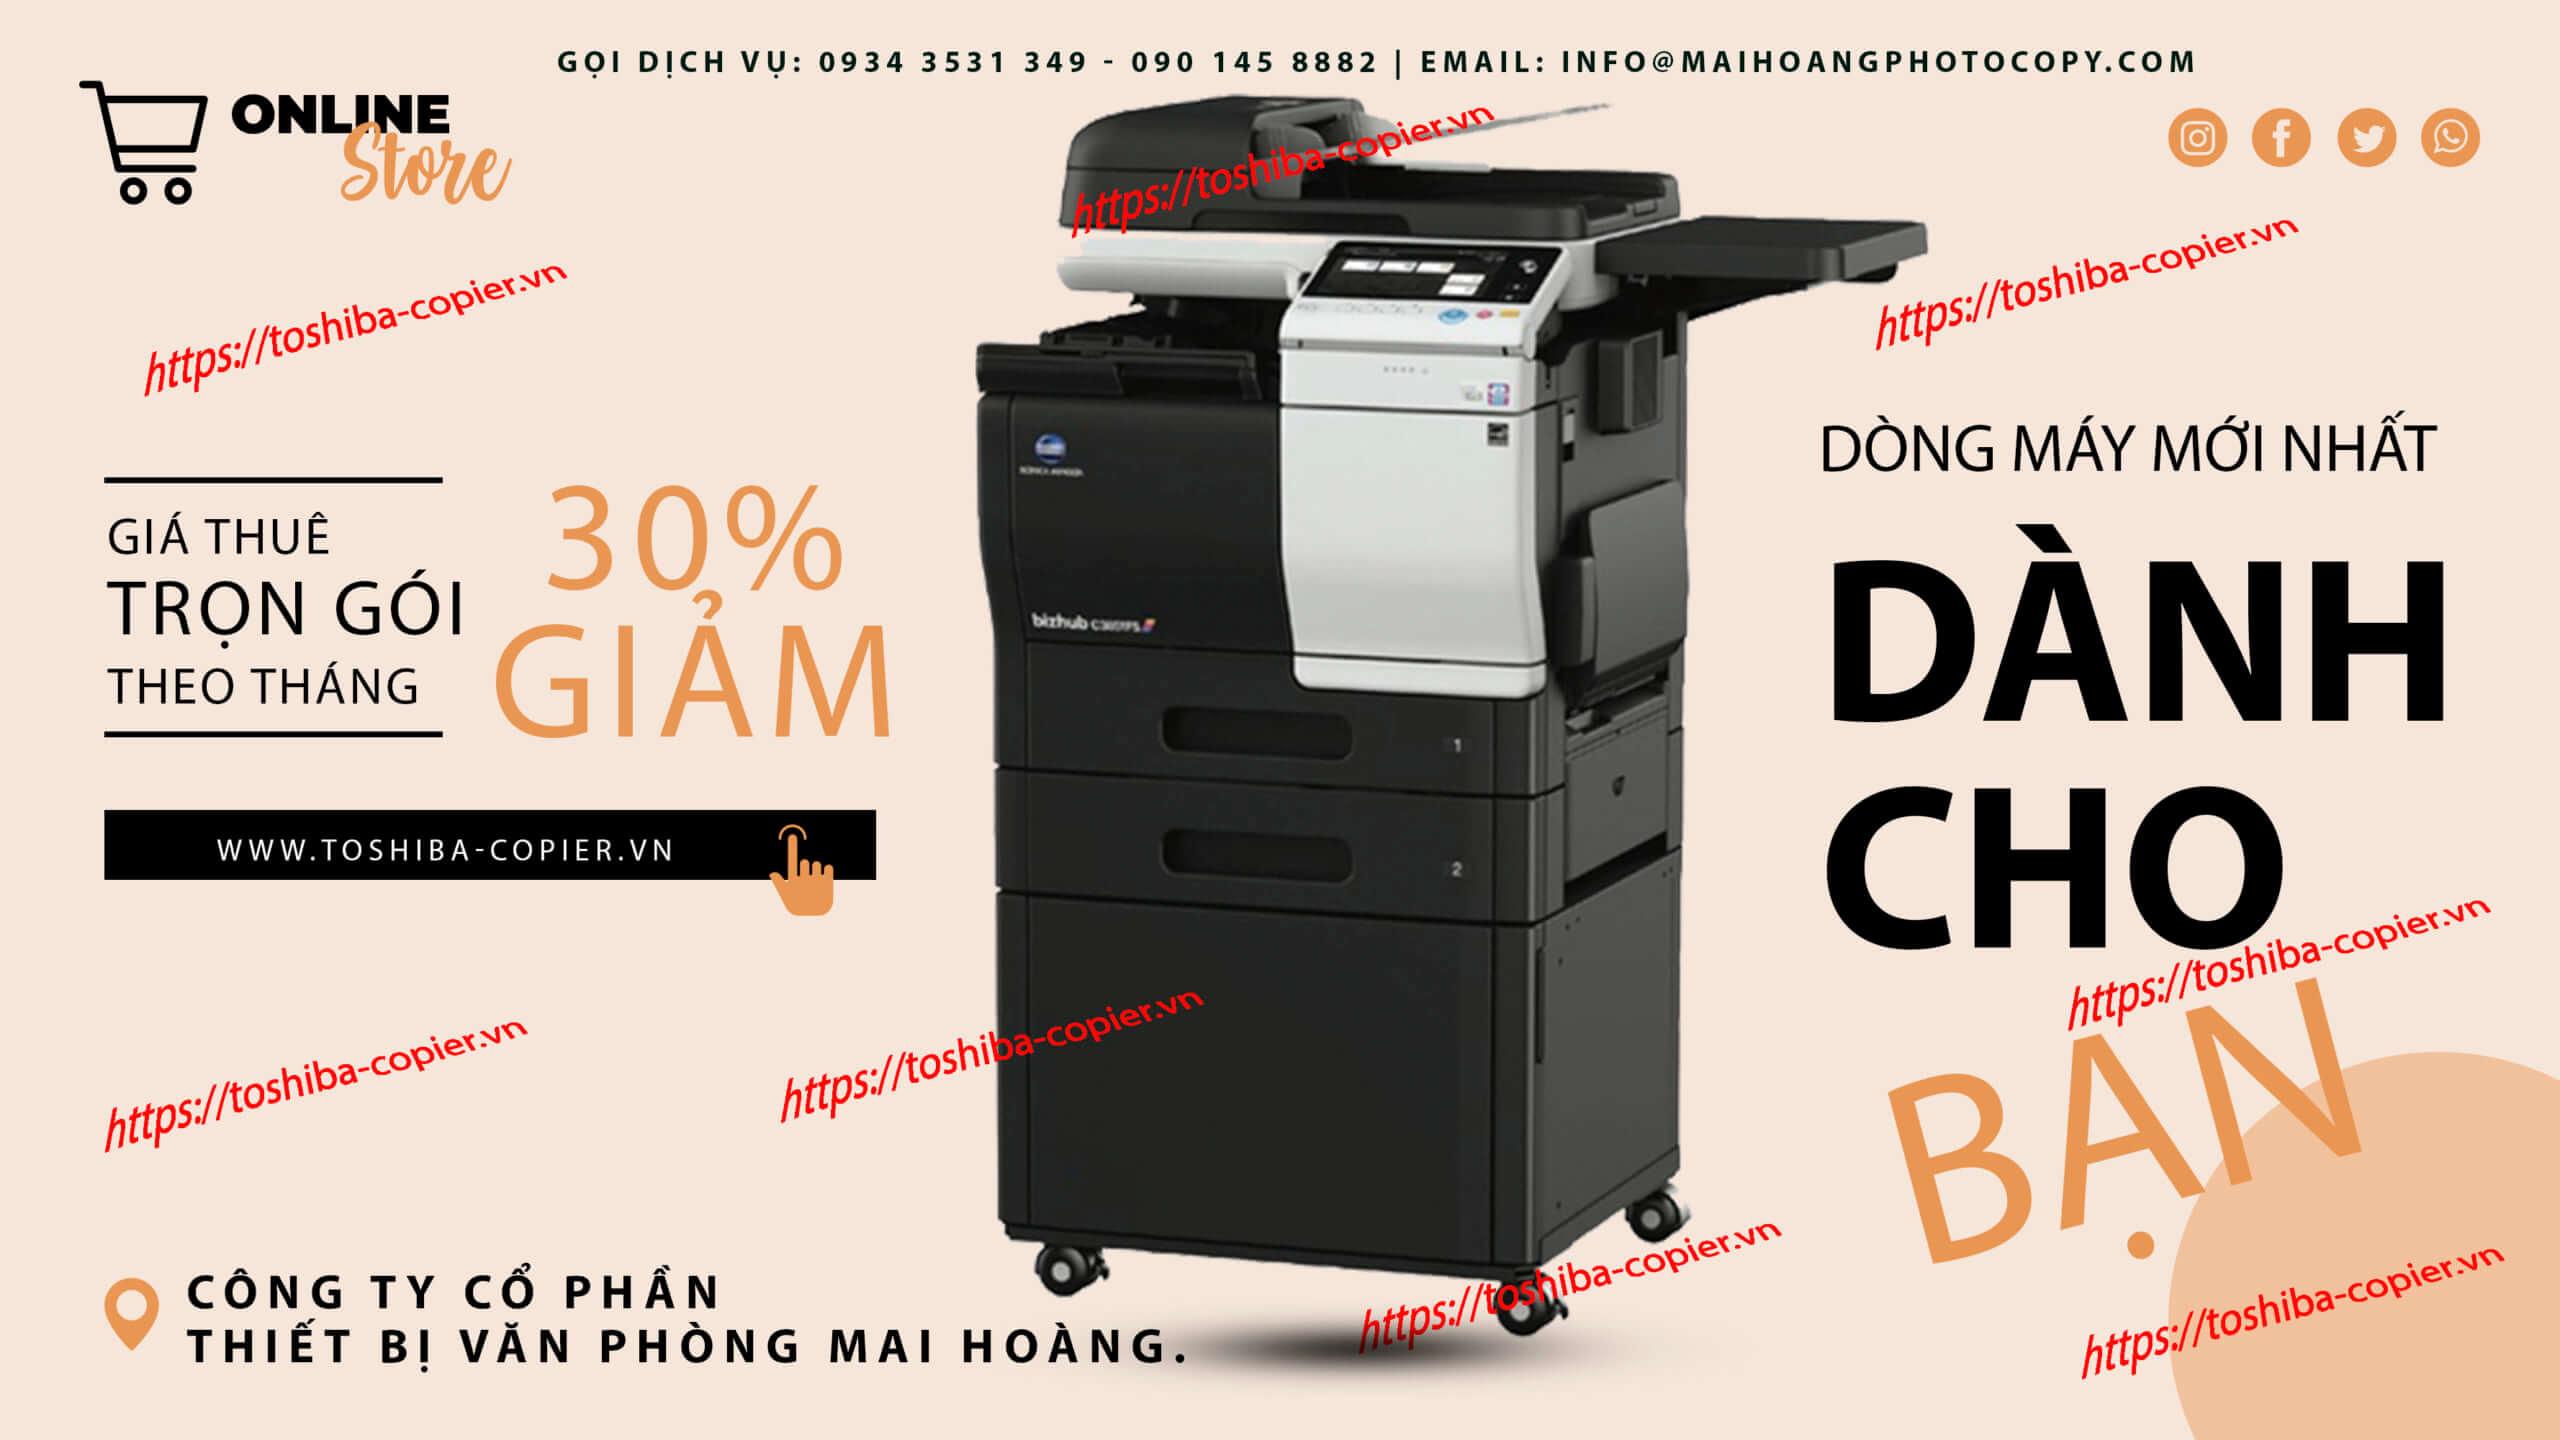 cho thuê máy photocopy konica minolta Trong thế giới ngày càng phát triển của in kỹ thuật số chuyên nghiệp, hệ thống máy in công nghiệp Konica Minolta Accurio cung cấp các dịch vụ in ấn mang lại hiệu quả sản xuất cao hơn, chi phí thấp hơn và chất lượng cao hơn.